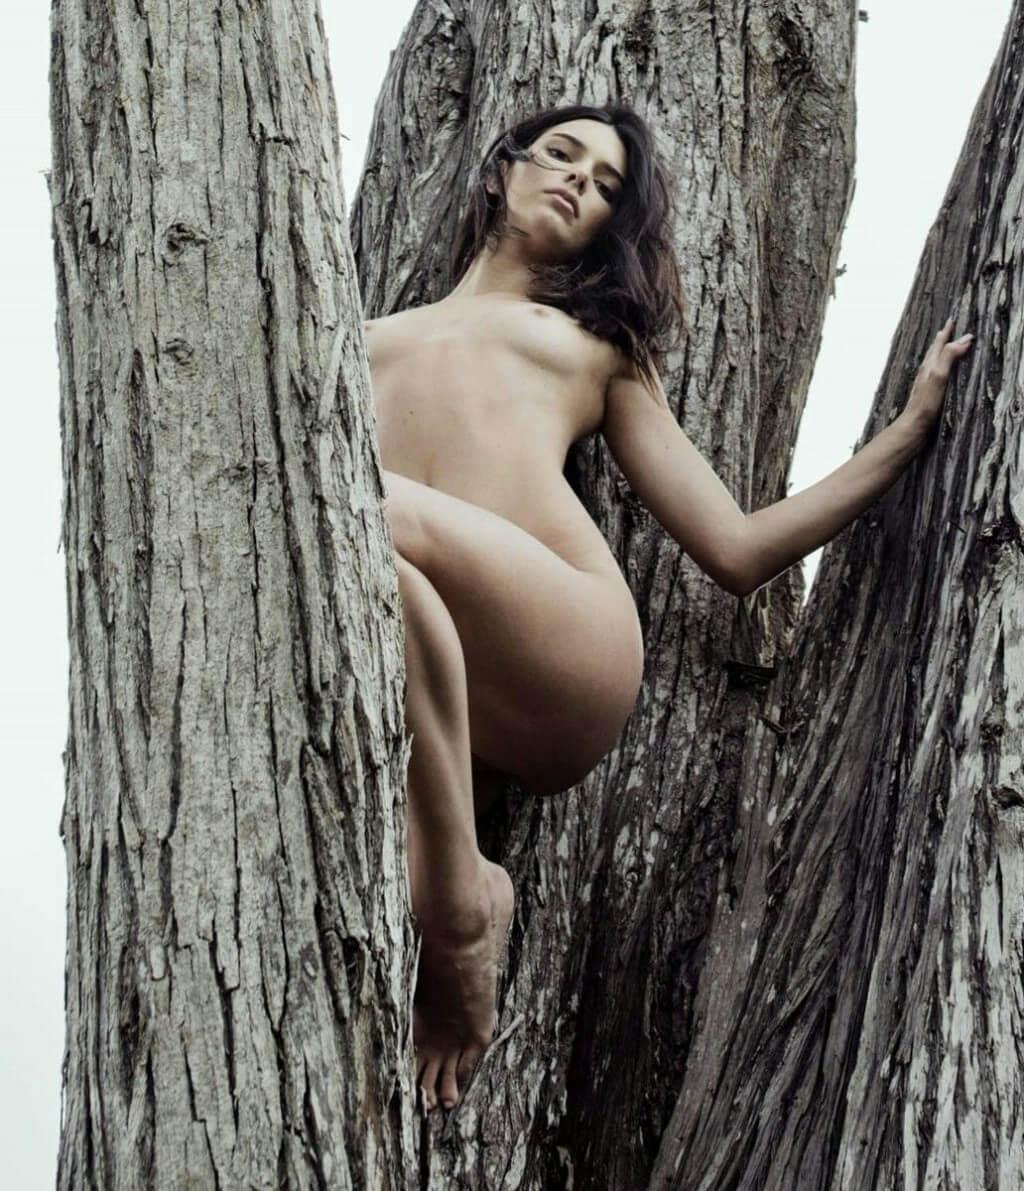 Kendall Jenner Nude Tree